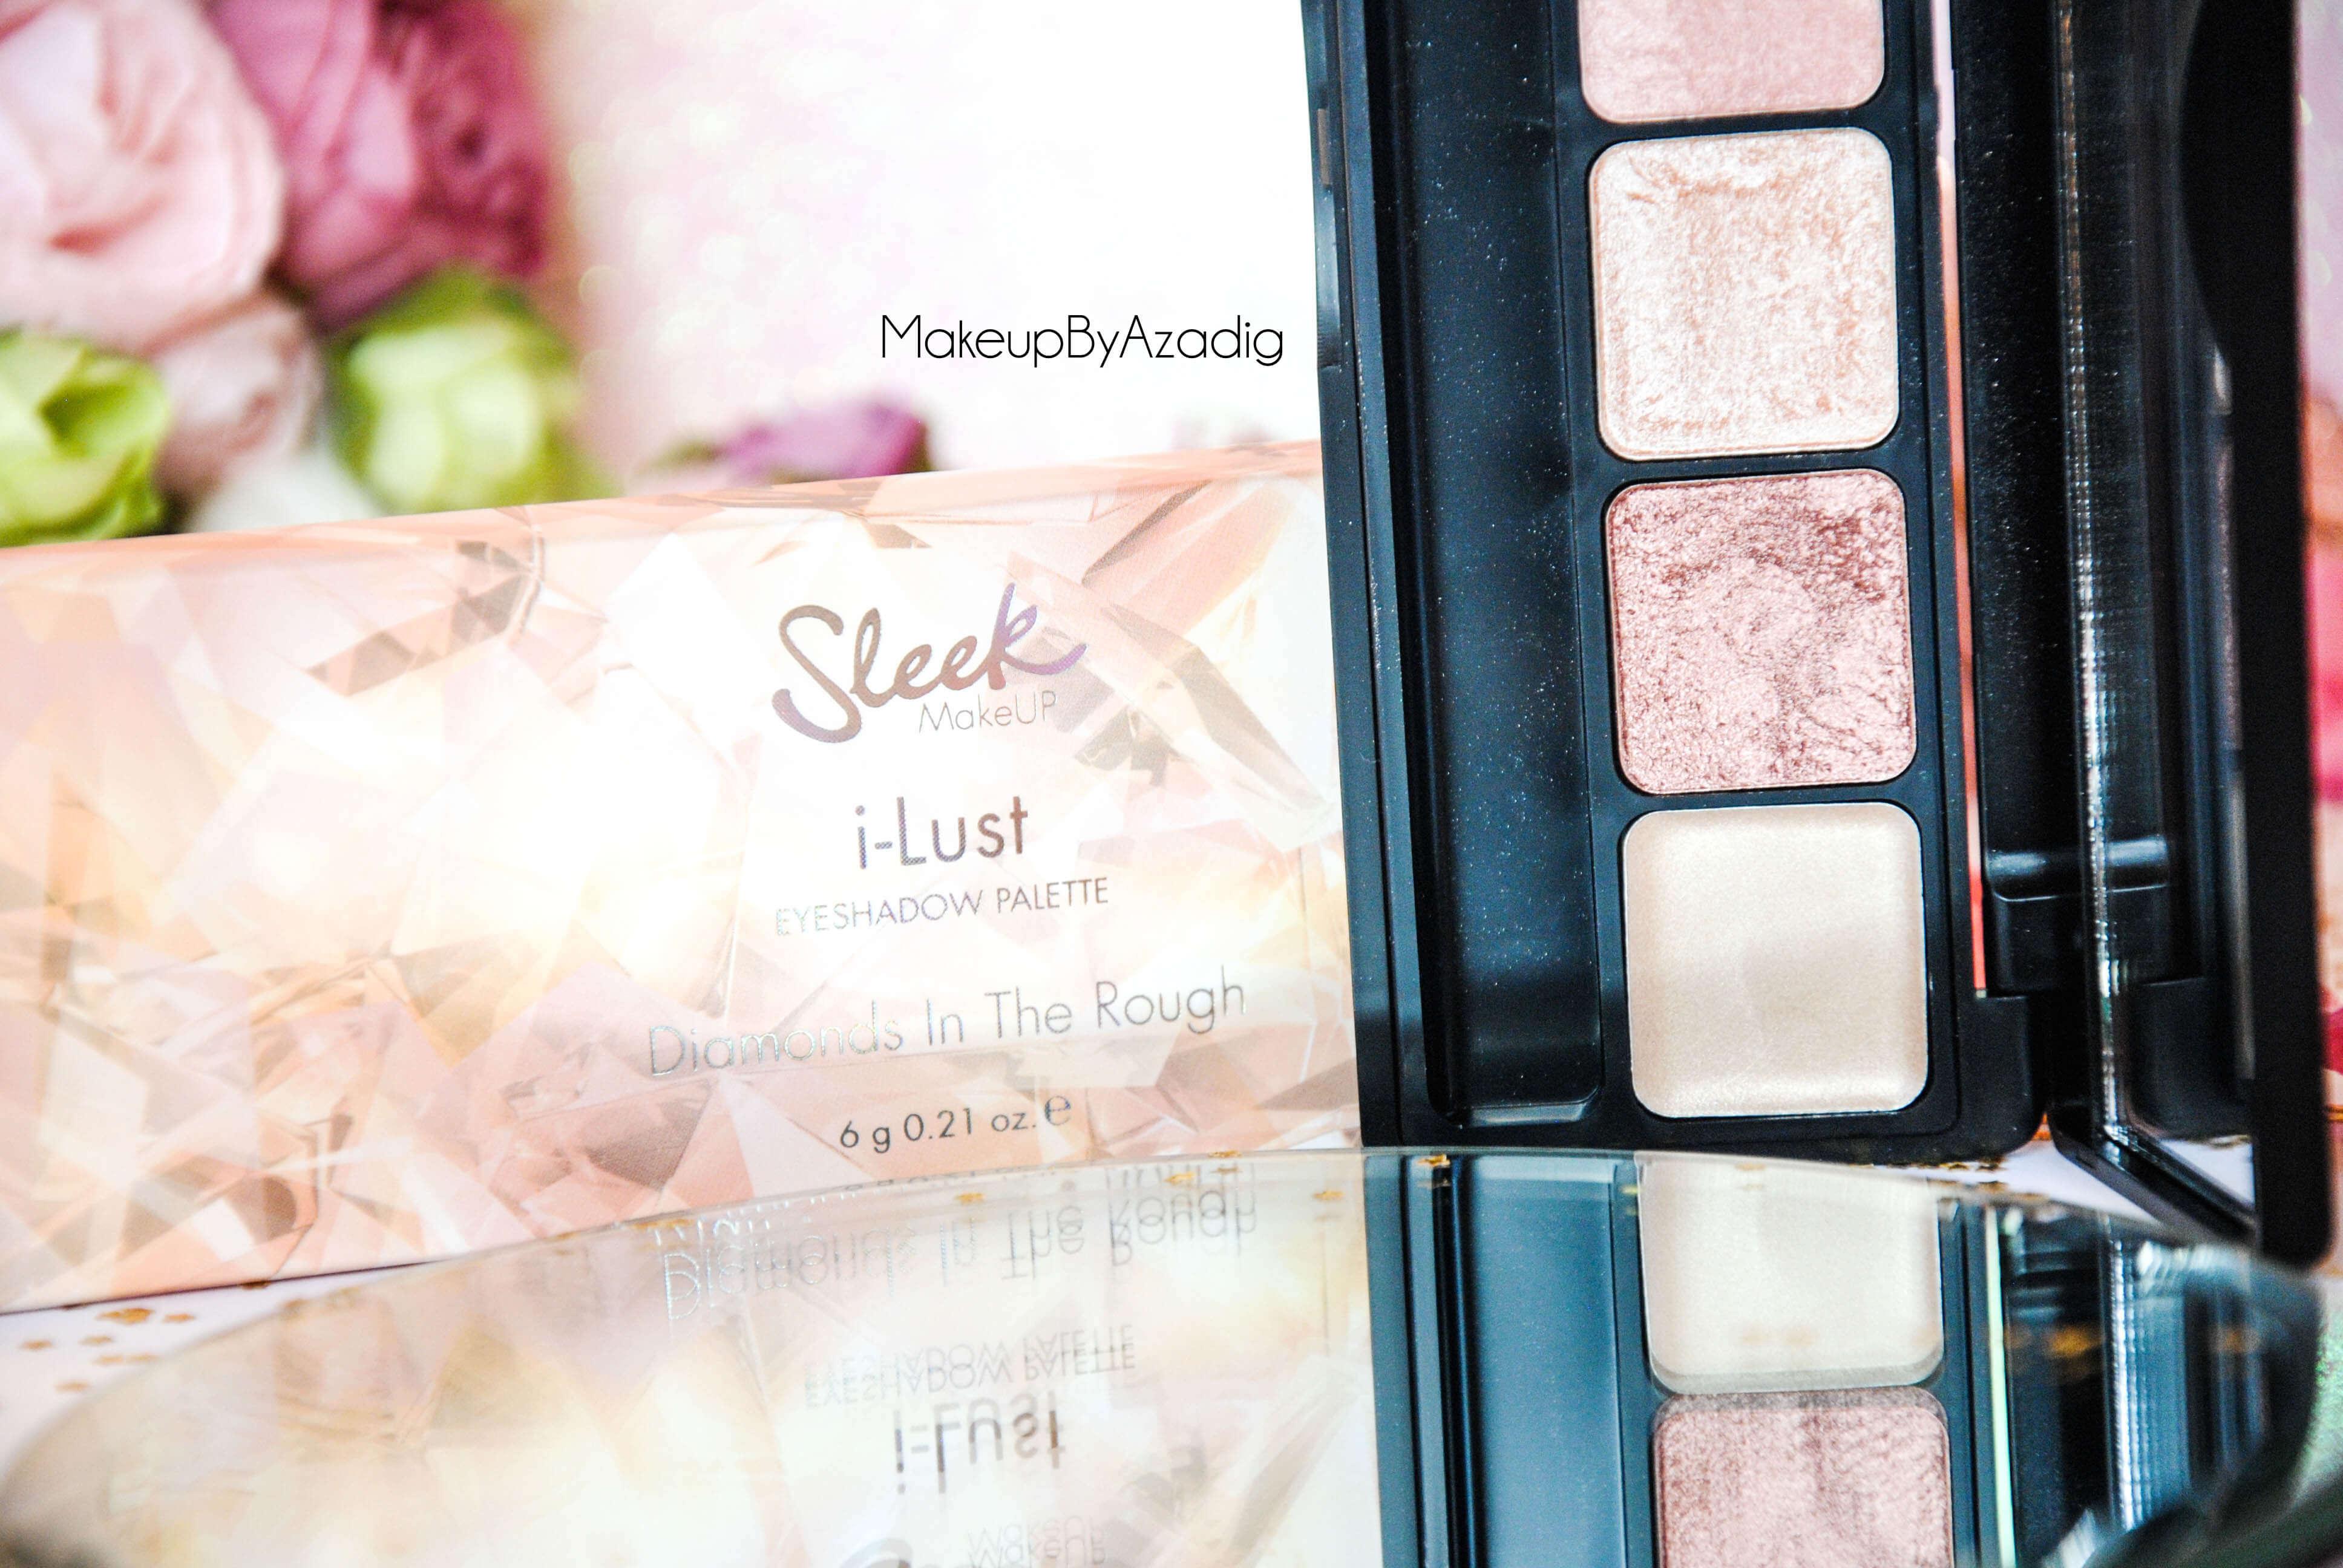 palette-eyeshadow-sleek-makeup-diamonds-in-the-rough-ilust-sephora-paris-makeupbyazadig-noel-code-promo-avis-prix-cute